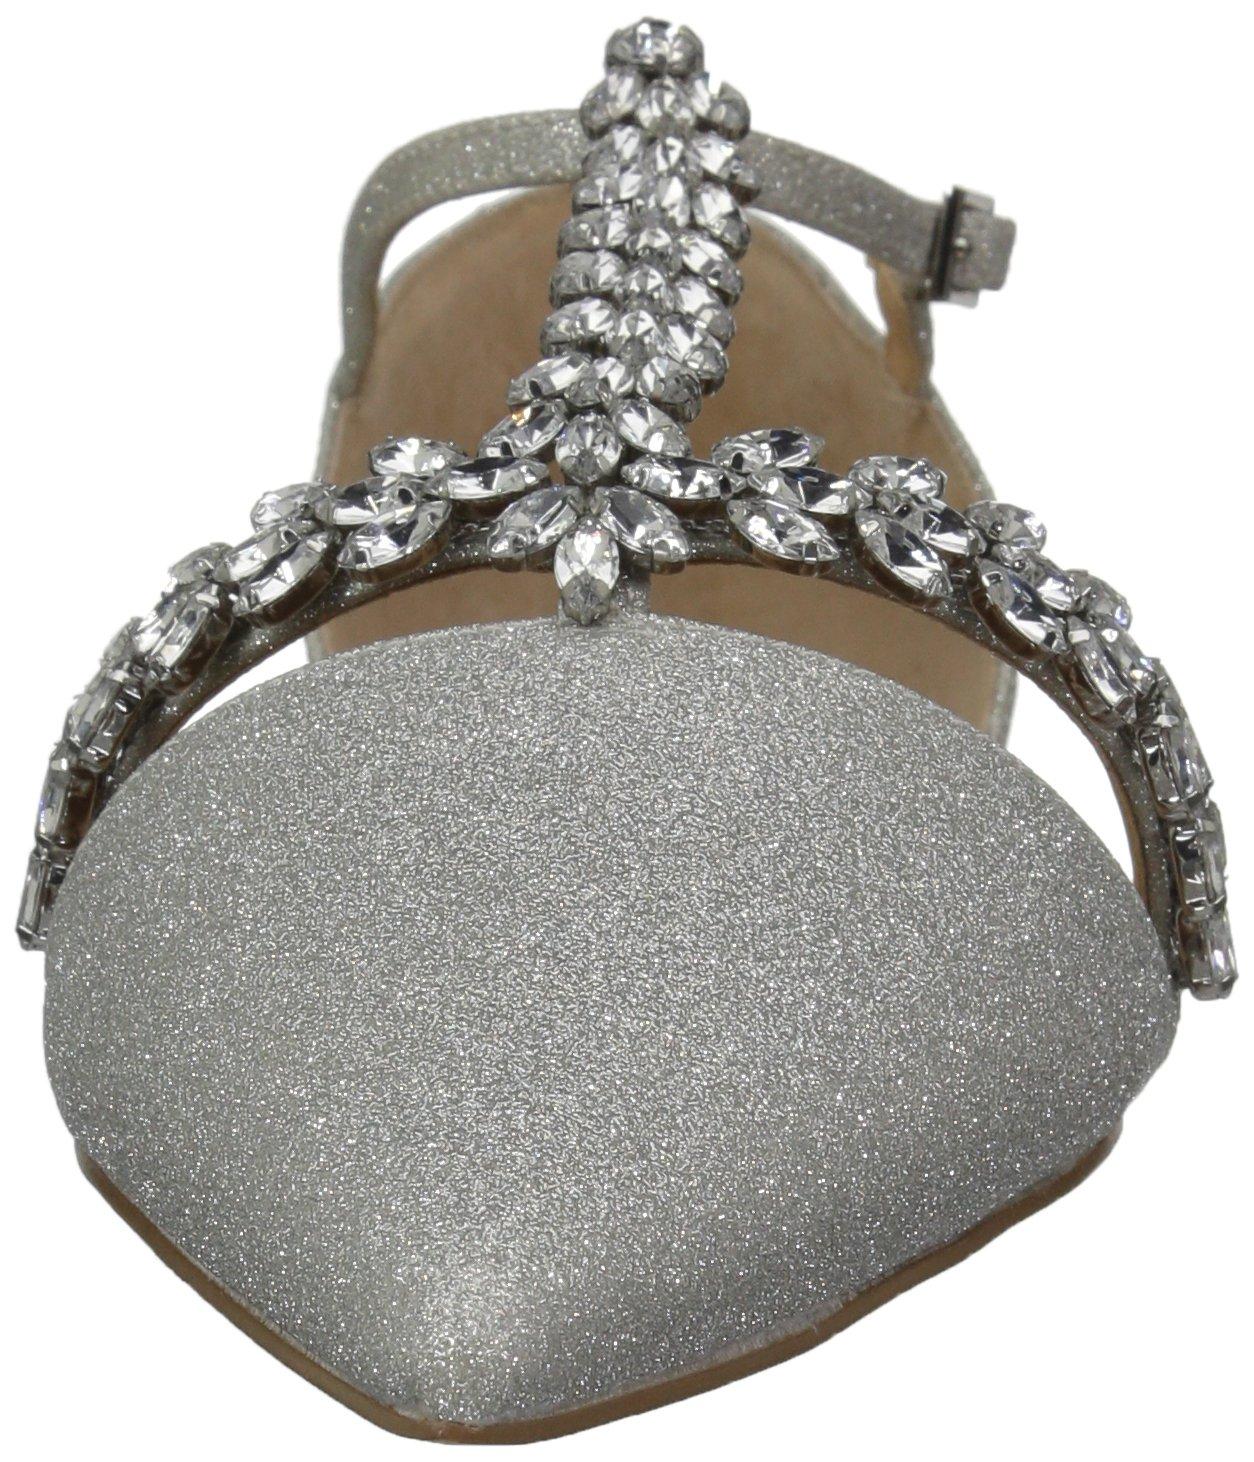 Badgley Mischka 10 Jewel Women's Maury Mary Jane Flat B07864V3GR 10 Mischka B(M) US|Silver Glitter d40f0d